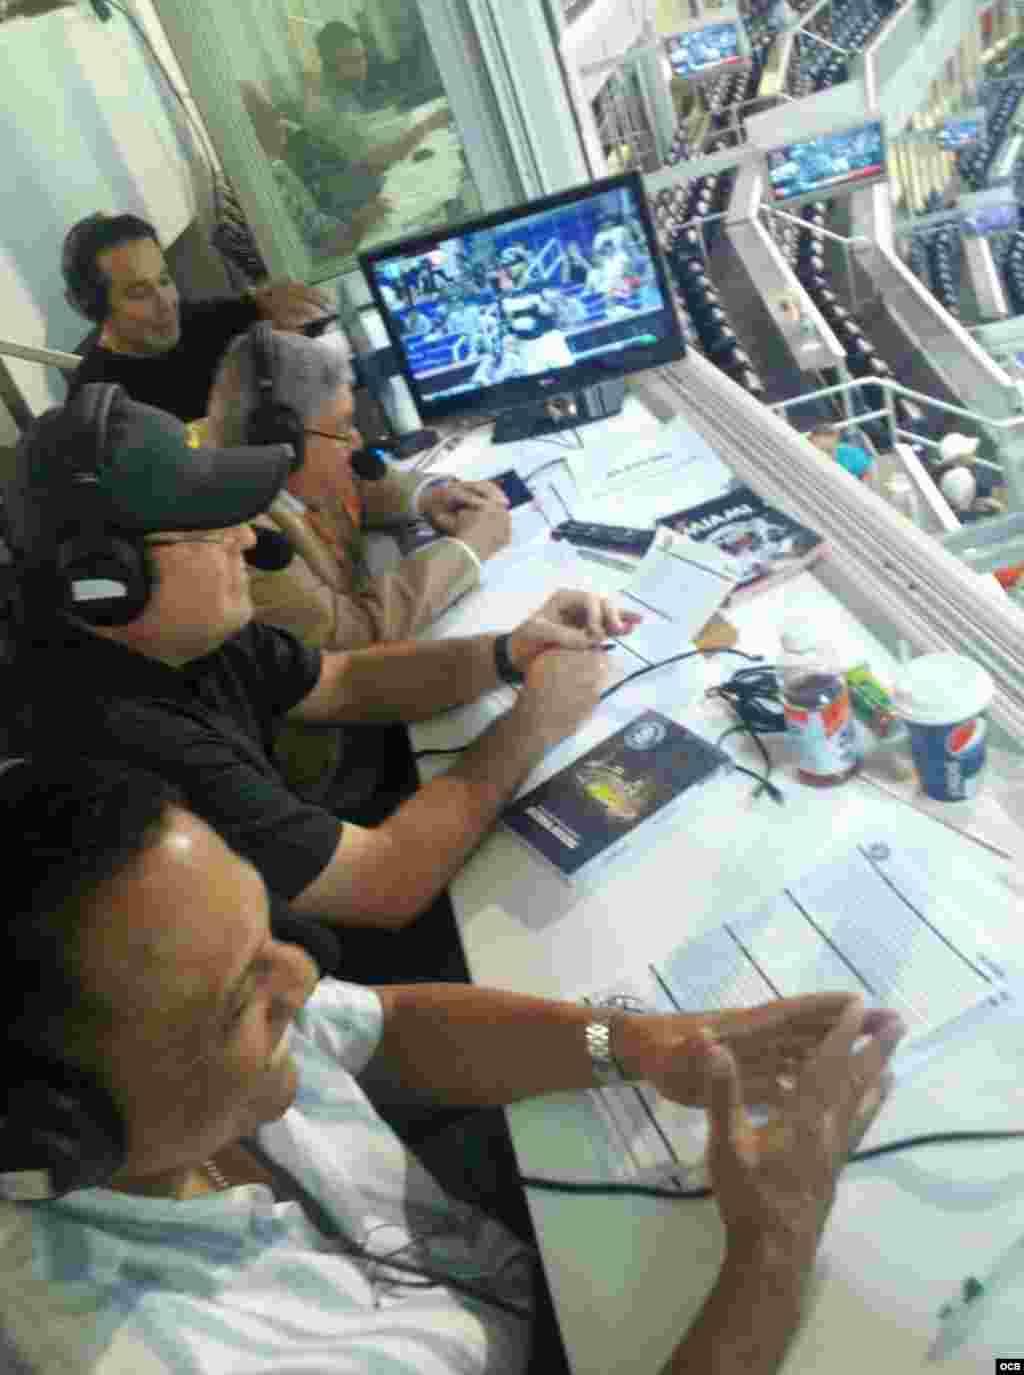 El equipo del programa radial Al duro y sin guantes en la trasmision en vivo del juego de Los Marlins contra Los Padres de San Diego, el viernes 27 de julio por Radio Martí.